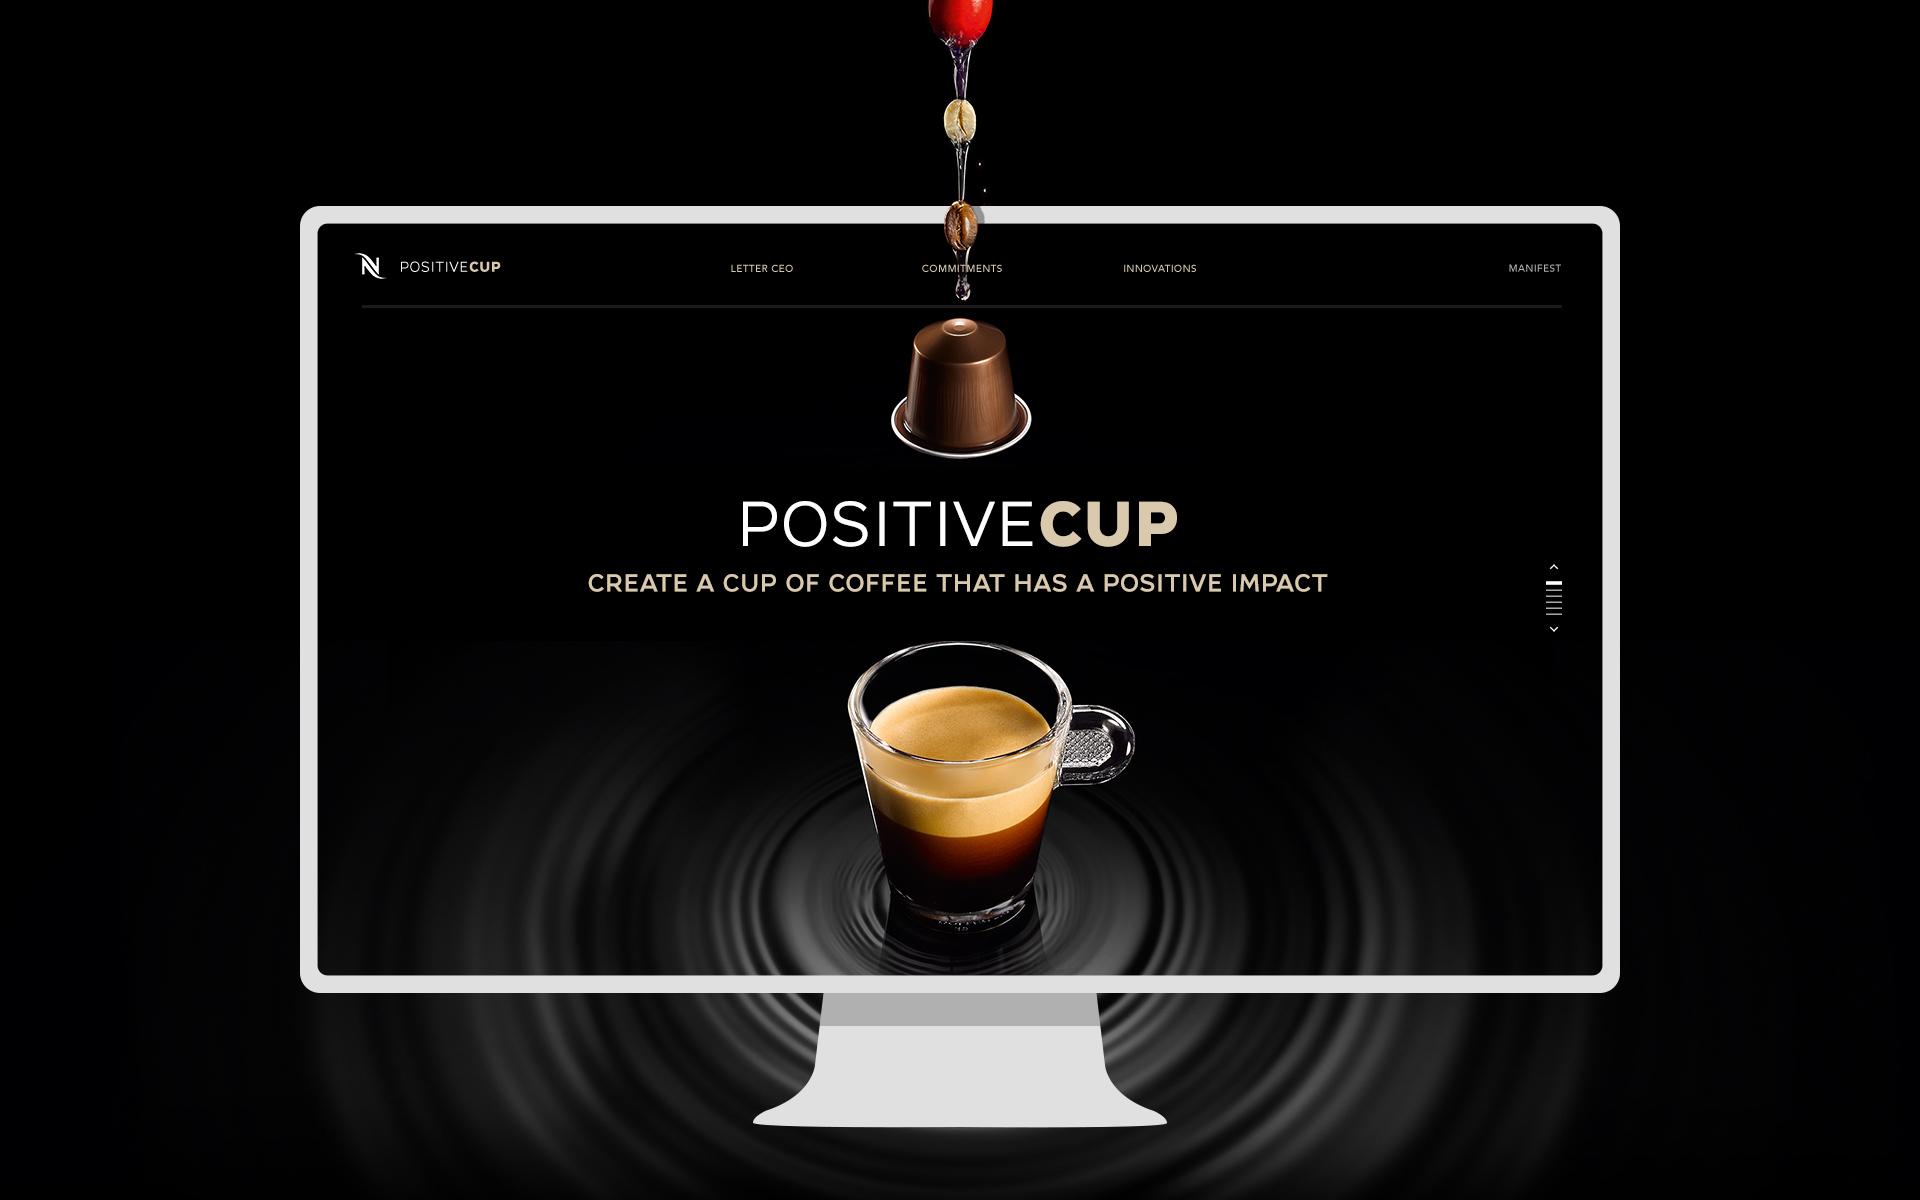 Positivecup_KV01_1920x1200_01